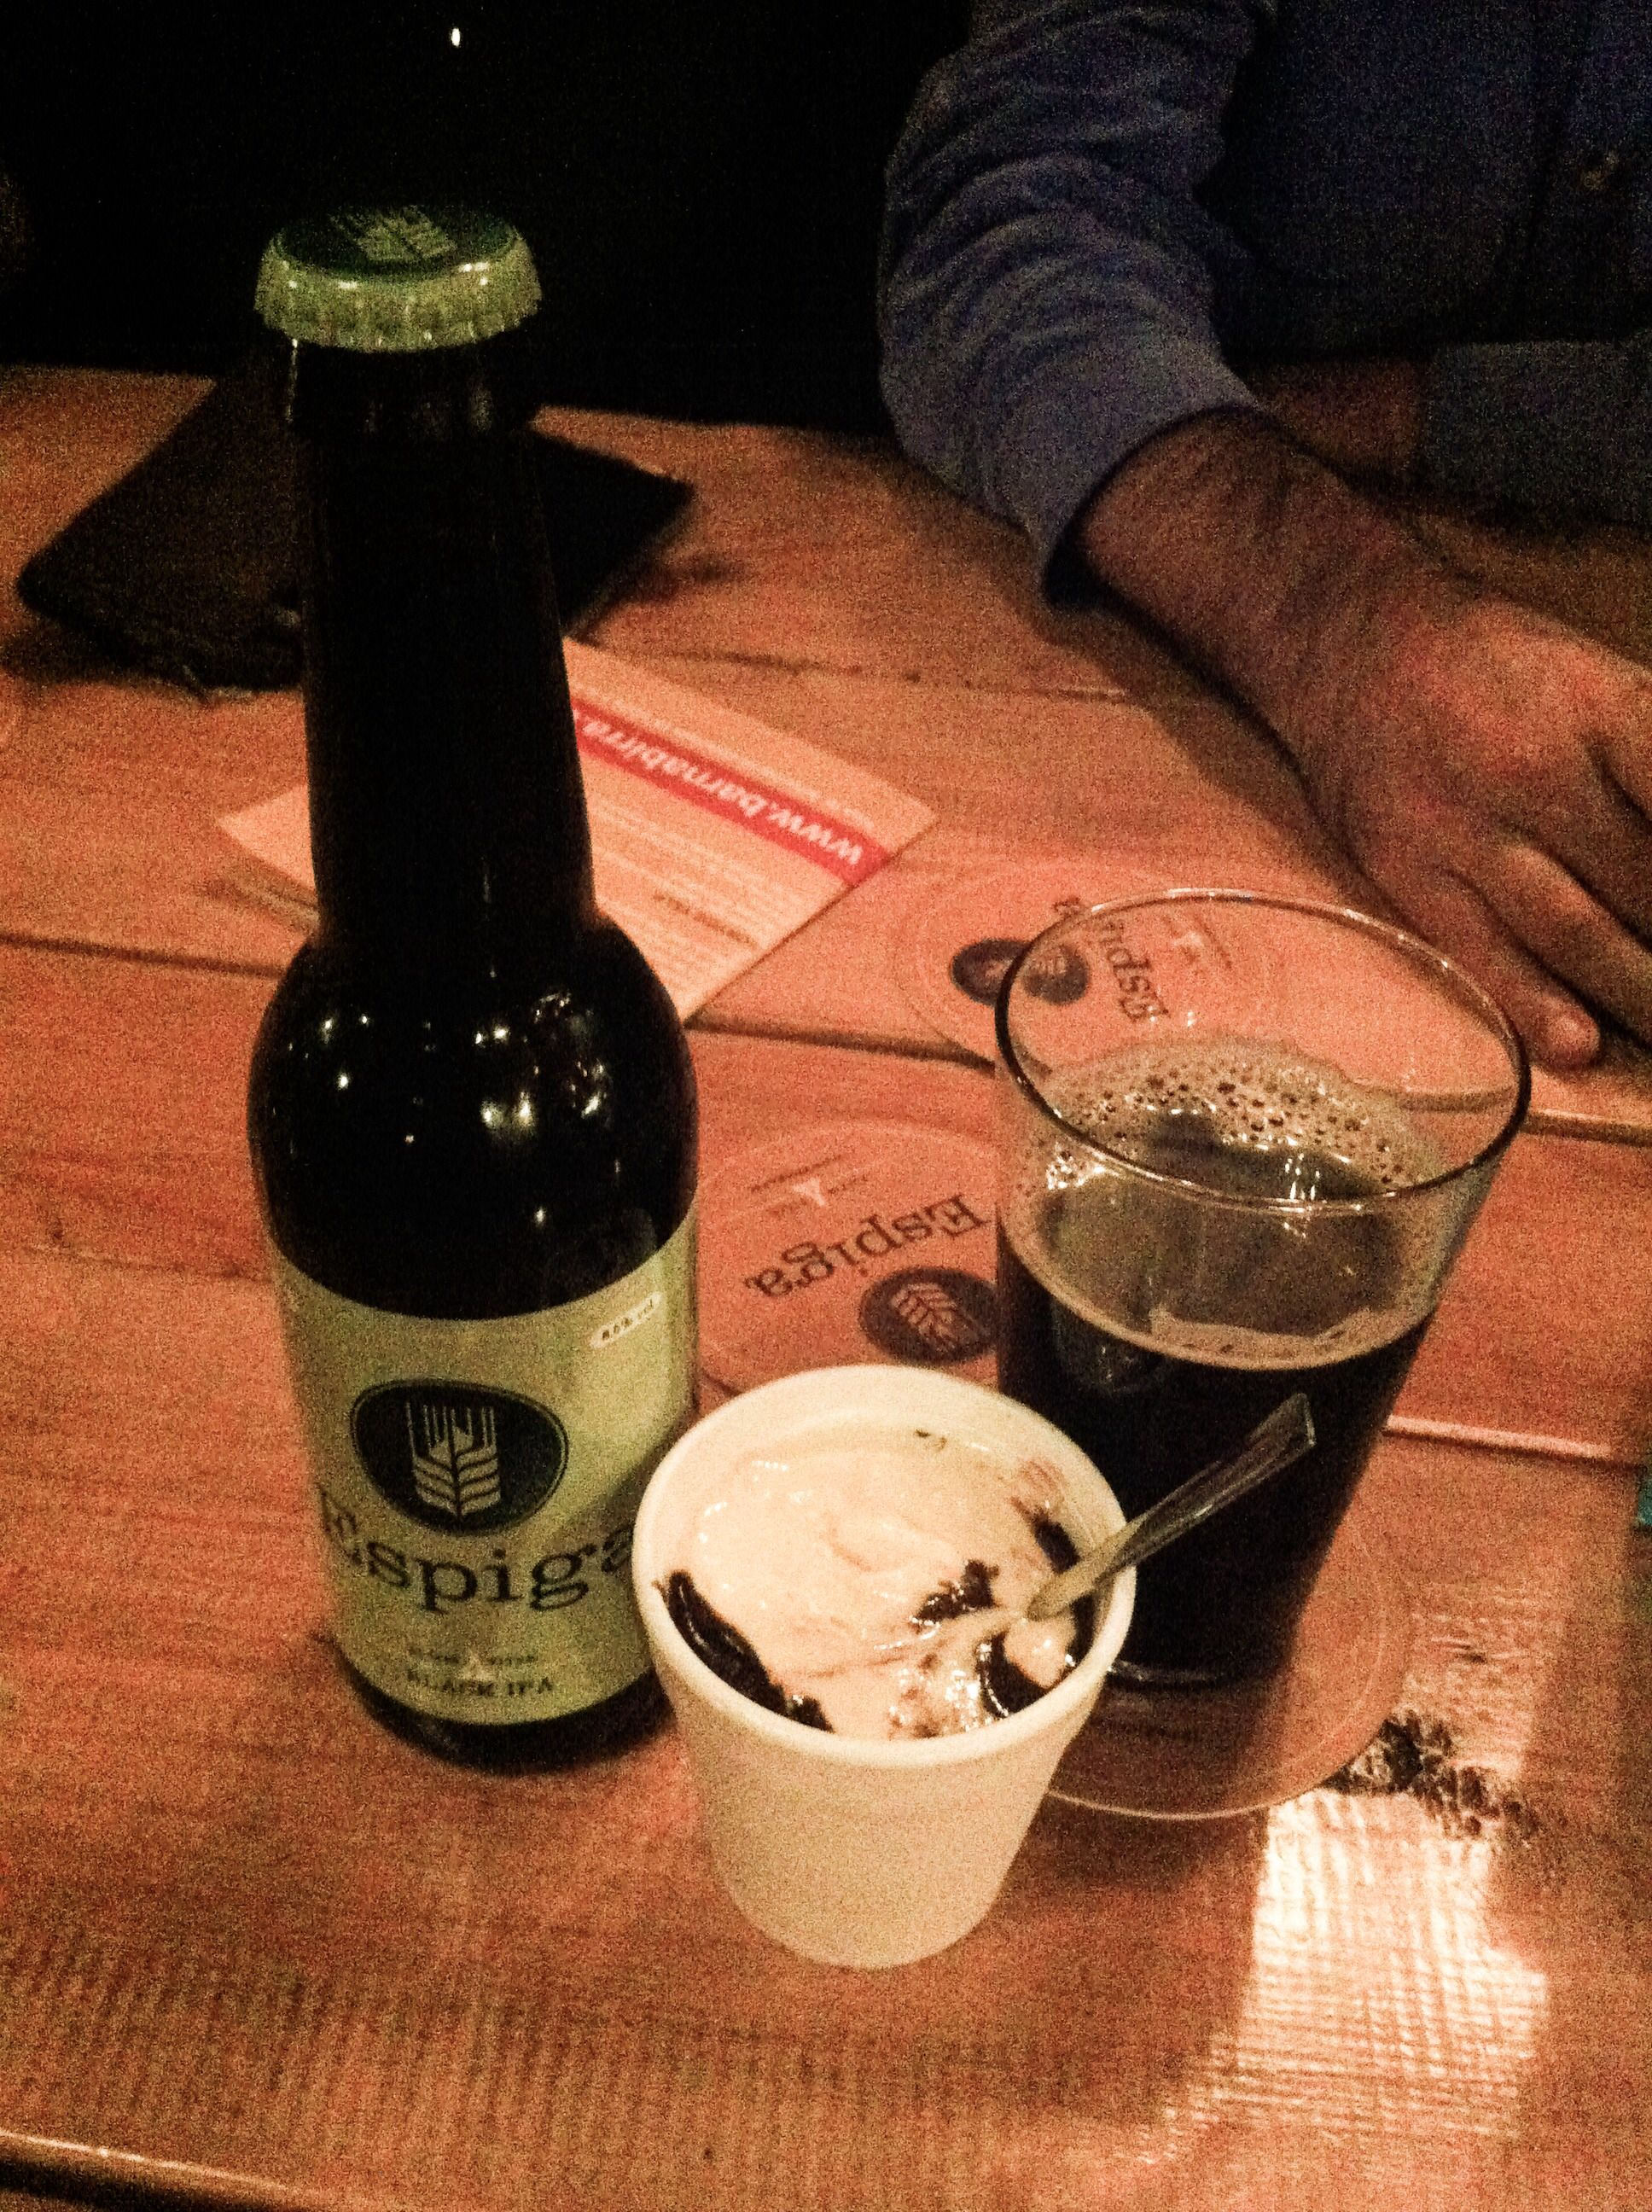 Espiga Black IPA amb Escuma de xocolata calenta amb gelat de vainilla